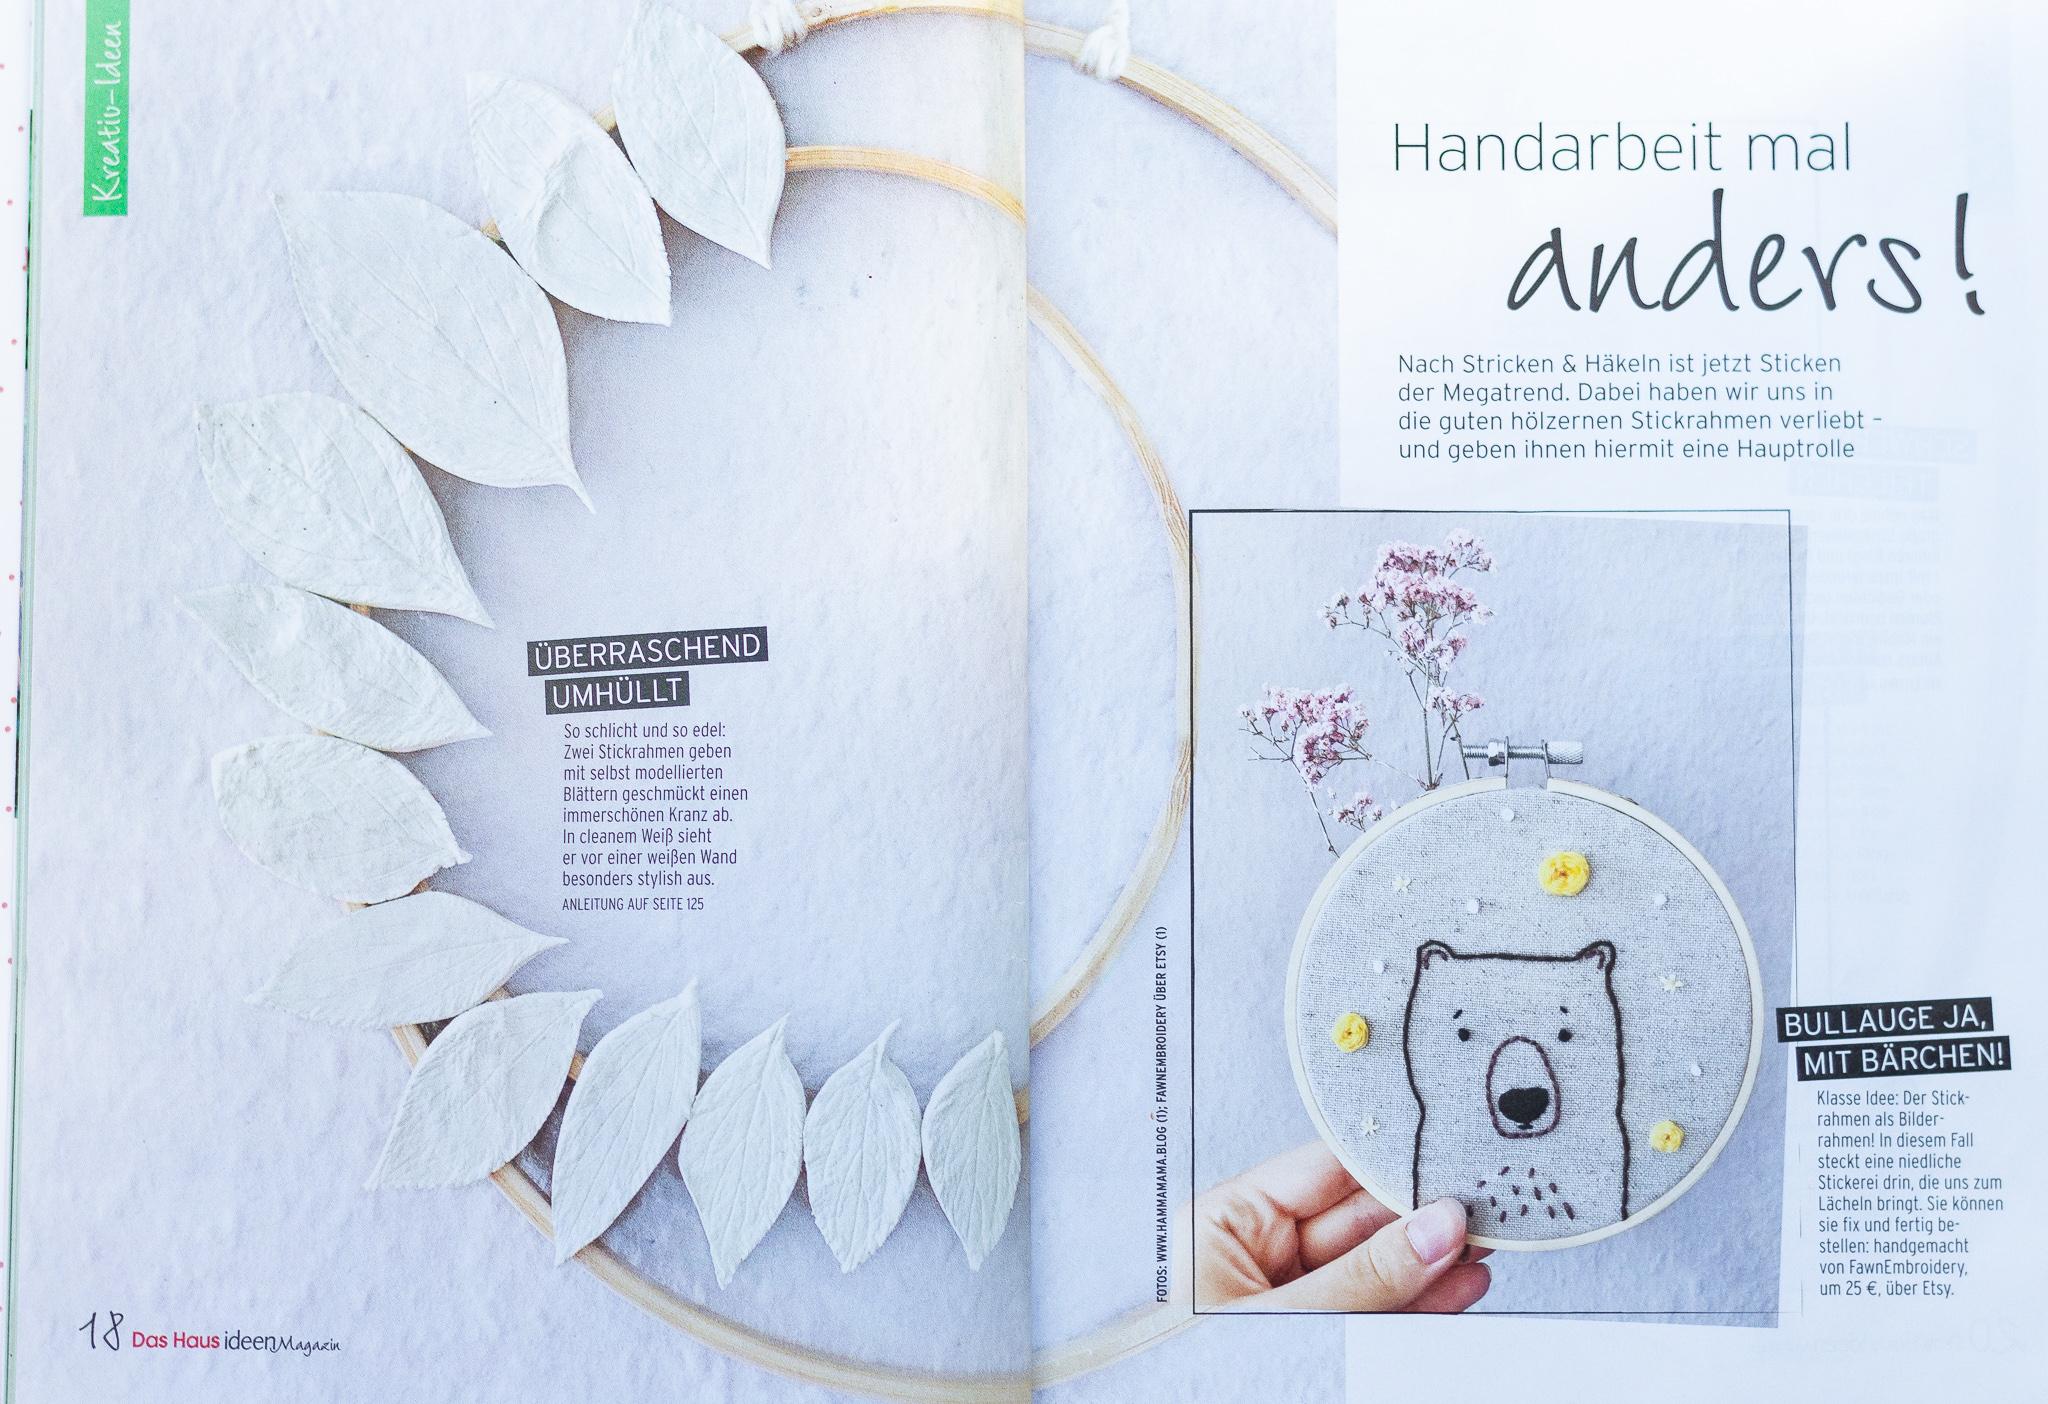 Skandinavischer DIY- und Wohn-Blog